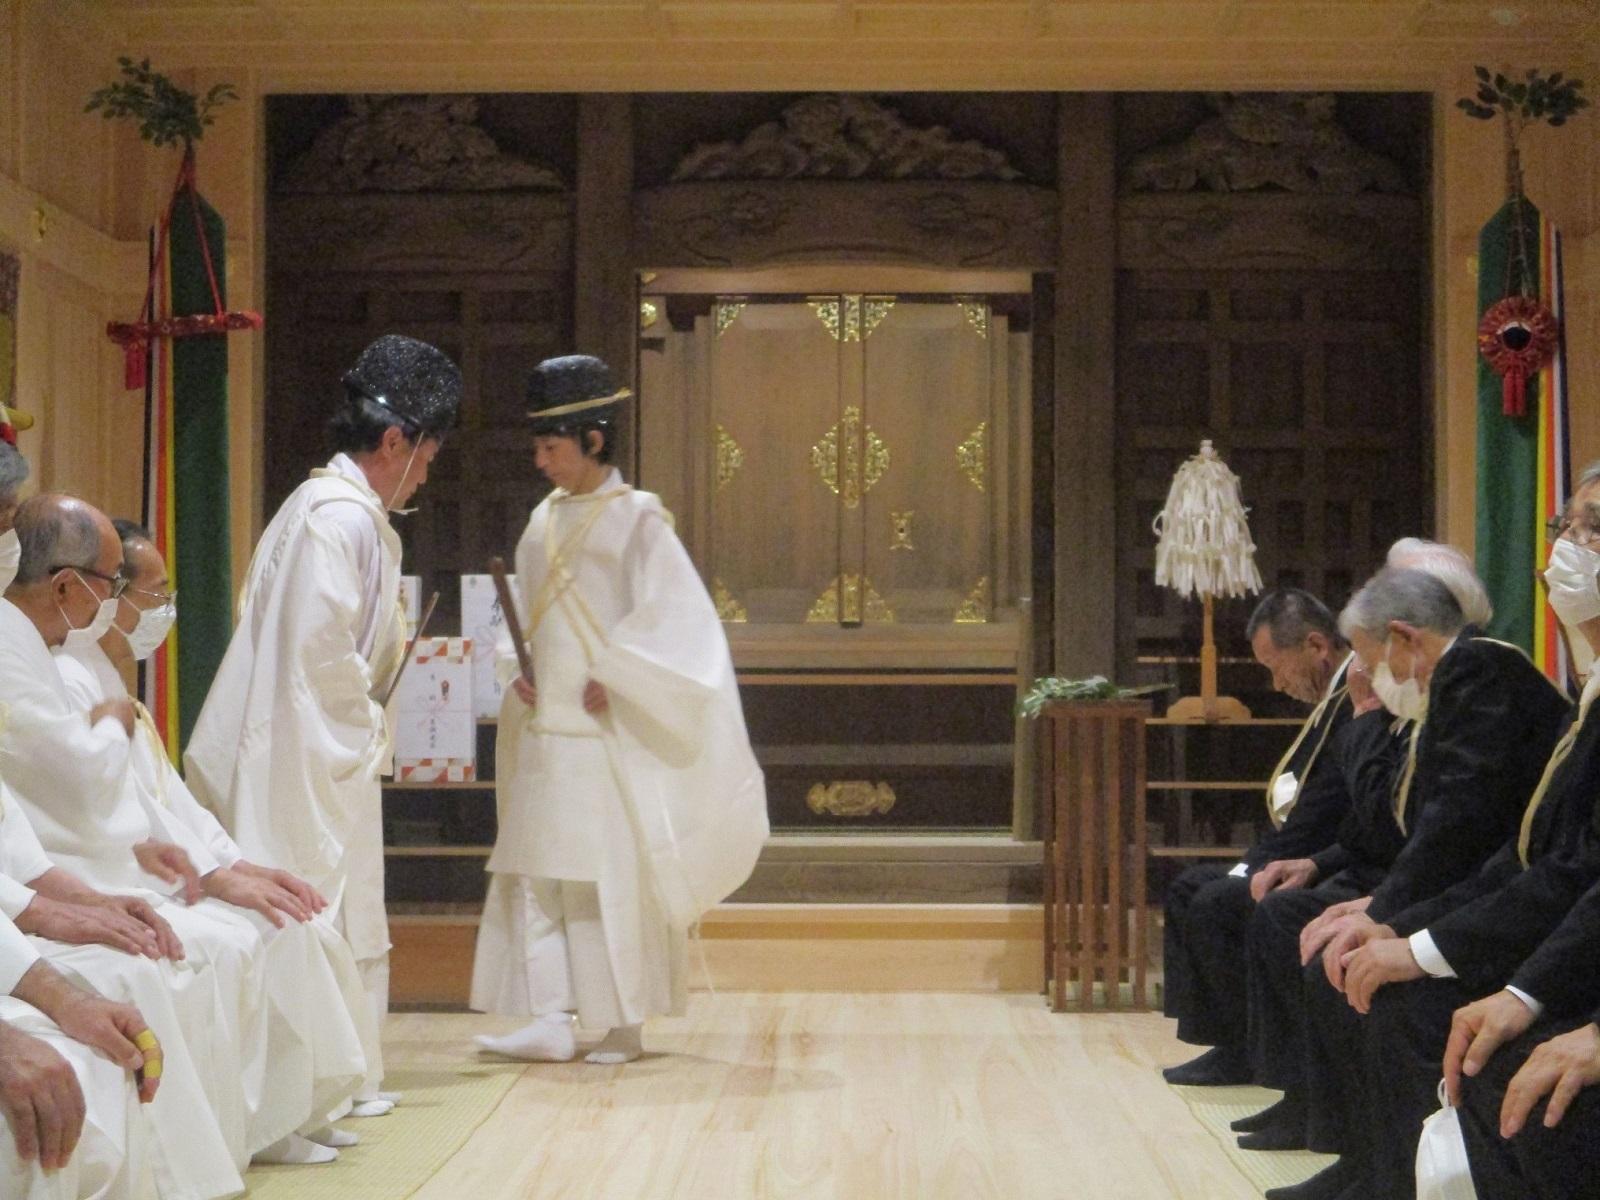 2020.6.27 (90) 本社殿内 - かり遷座祭終了 1600-1200